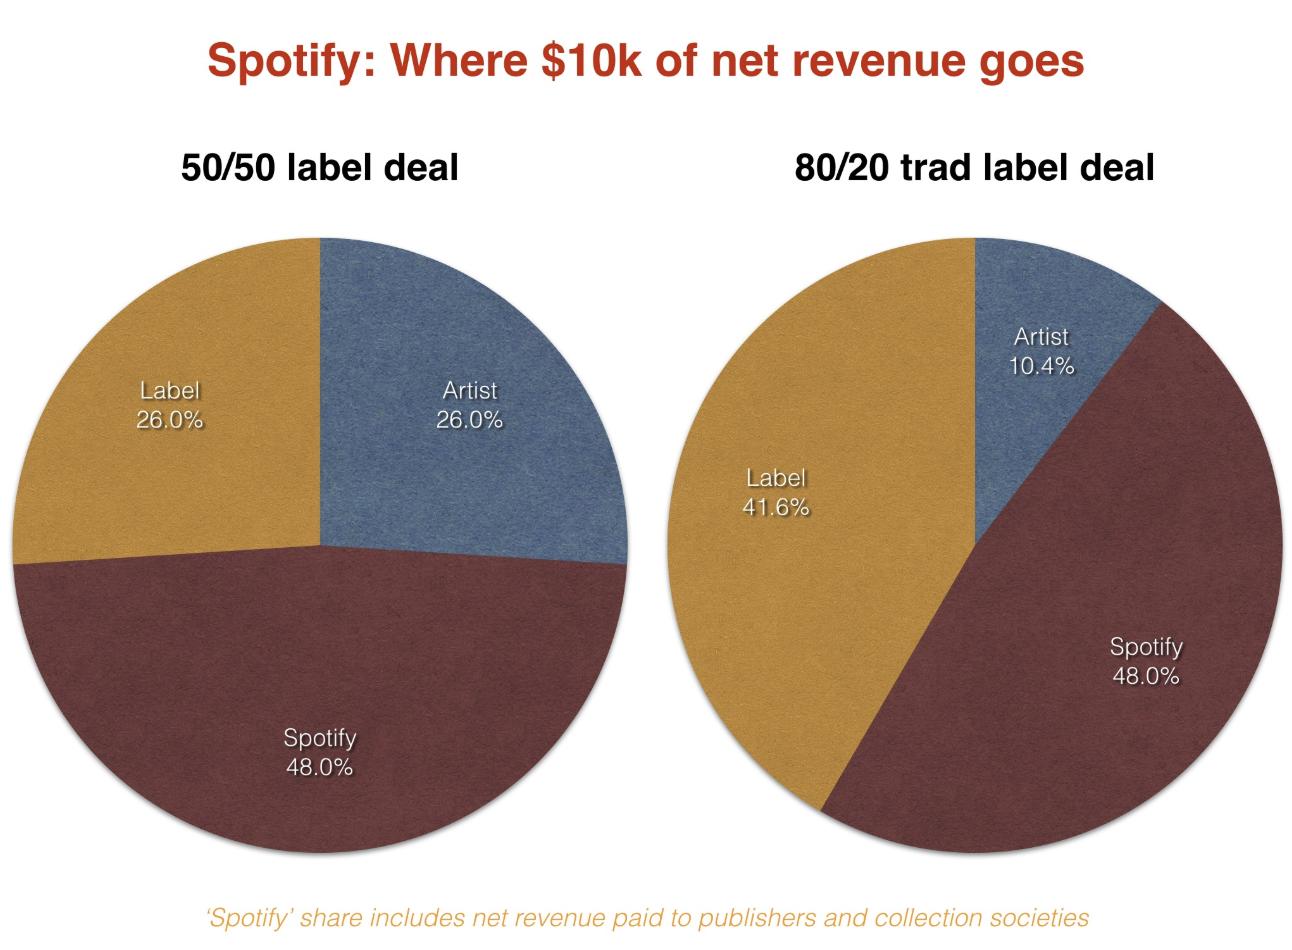 Ladda upp musik på spotify gratis